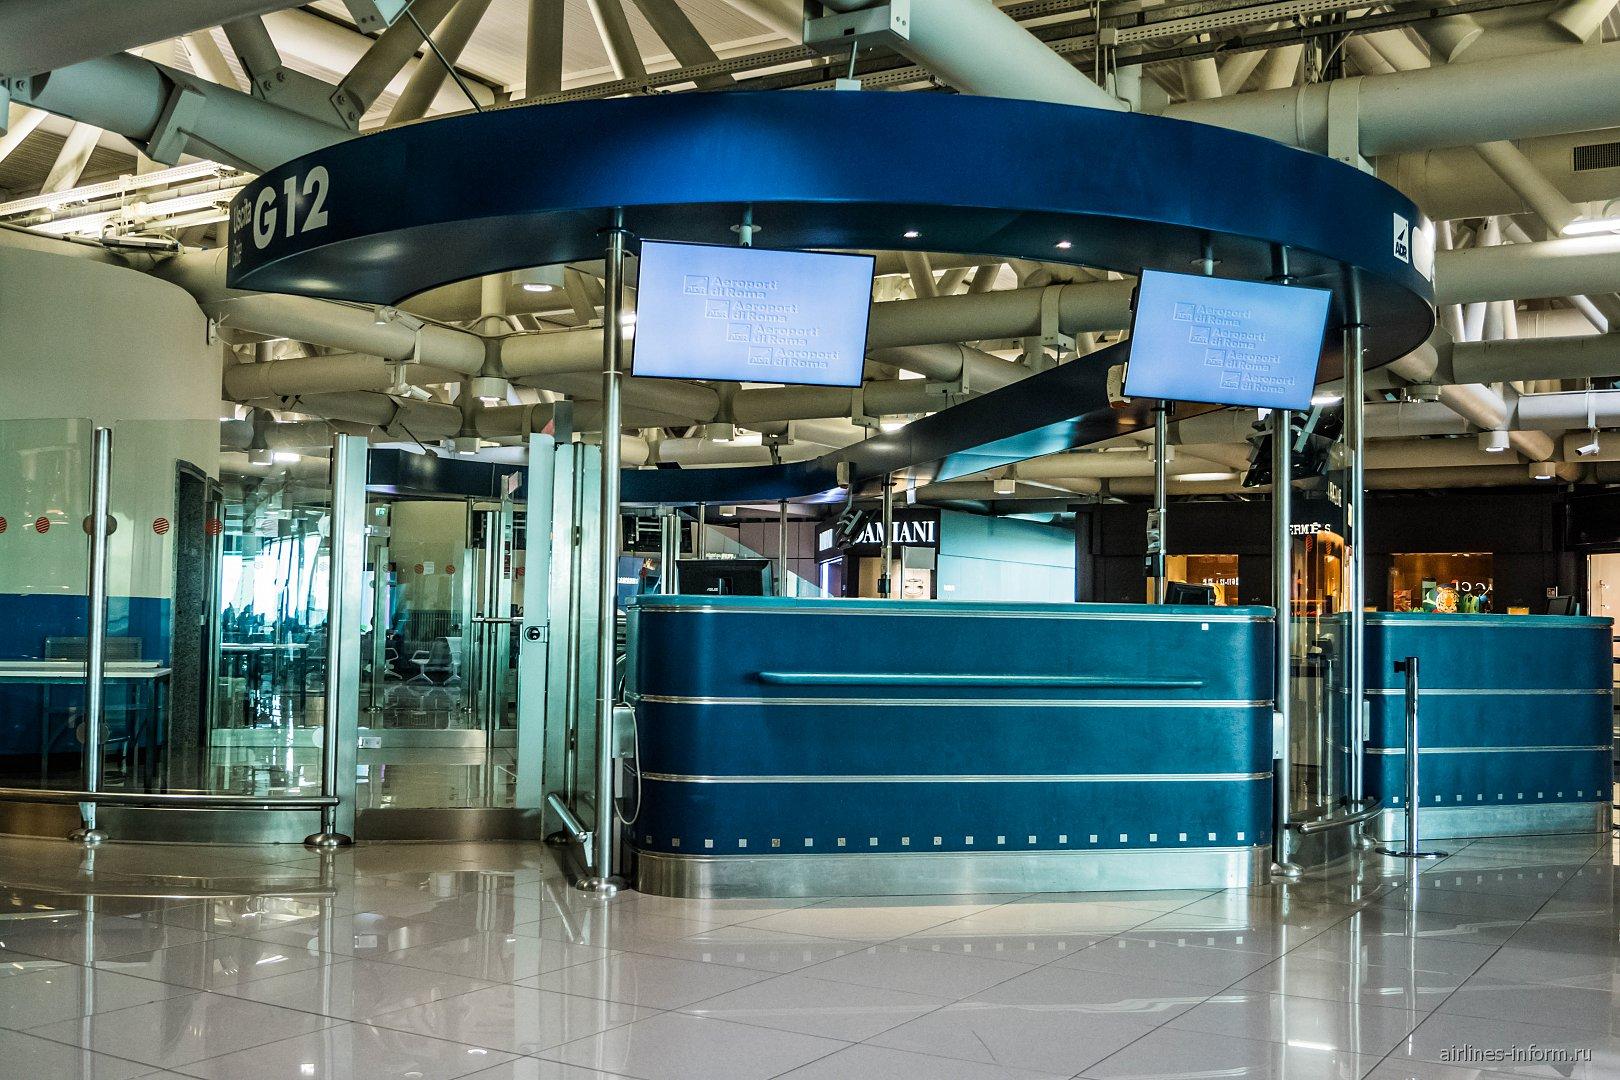 Выход на посадку в секторе G терминала 3 аэропорта Рим Фьюмичино